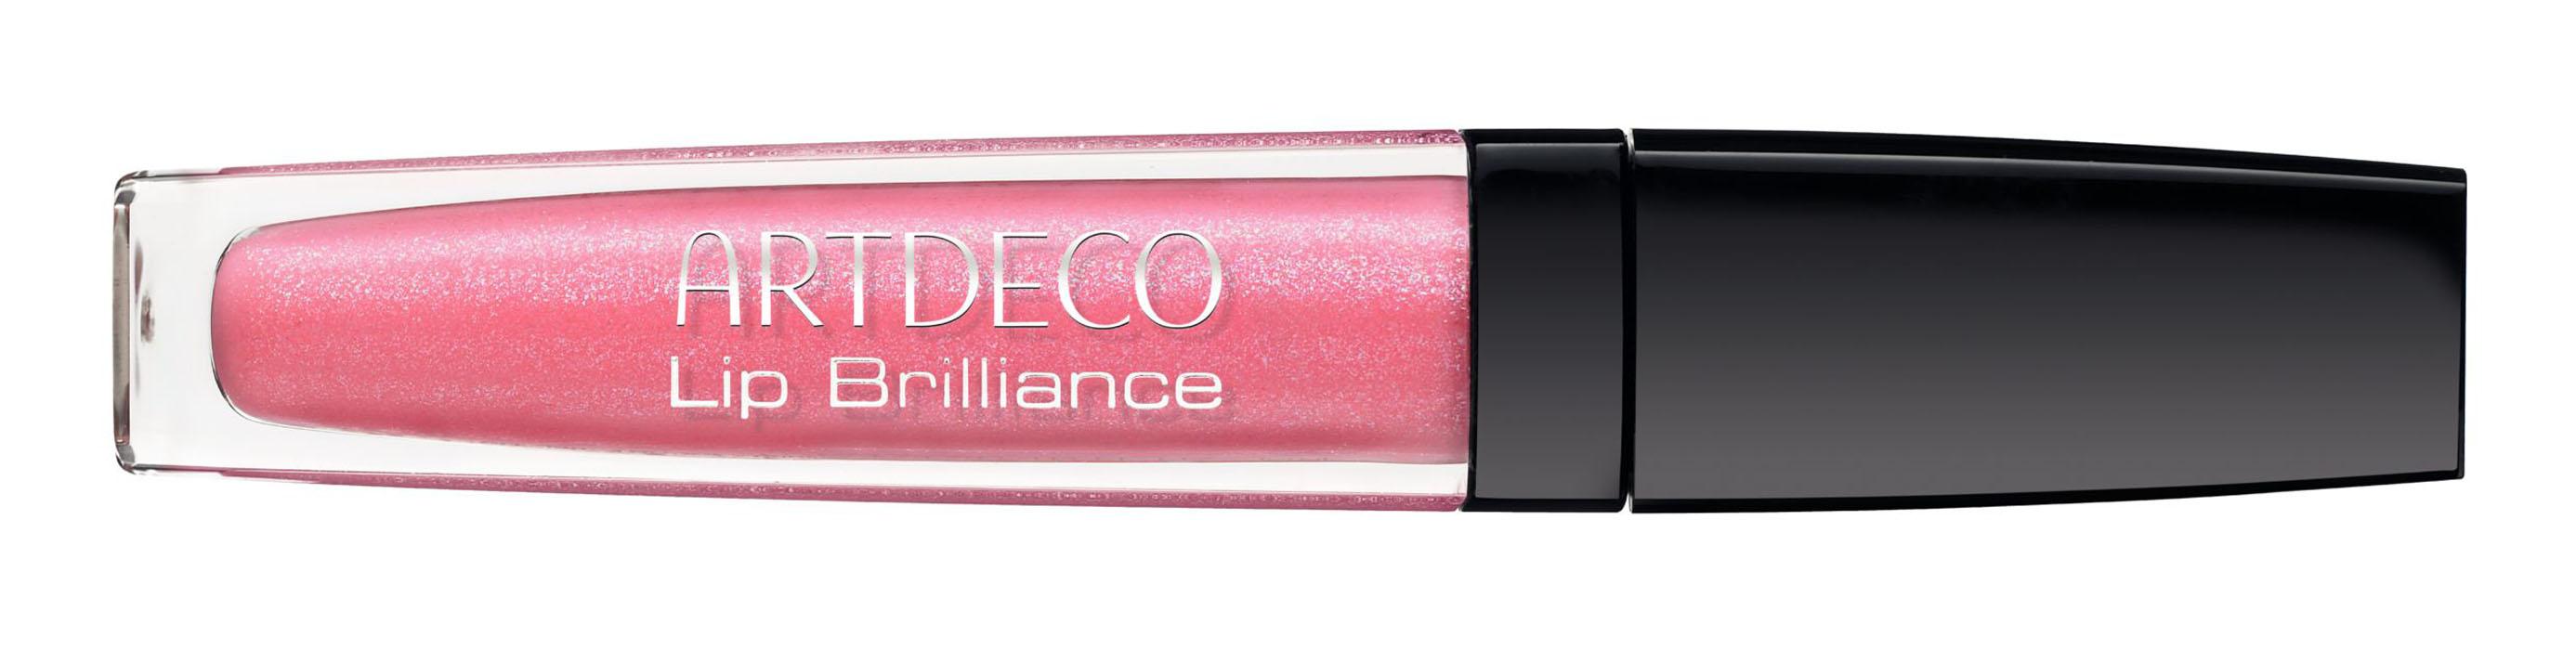 ARTDECO Блеск для губ устойчивый Fashion Colors BRILLIANCE 62, 5 мл195.62Легкая прозрачная формула создает разглаживающее покрытие с эффектом лифтинга, за счет чего помада ложится ровно, не собирается в складочки. Питательный комплекс ухаживает за губами. Стик смягчает натуральный цвет губ и дает возможность четко накрасить губы по контору и не исказить цвет помады. Увеличивает устойчивость помады, что значительно экономит ваши деньги и время.